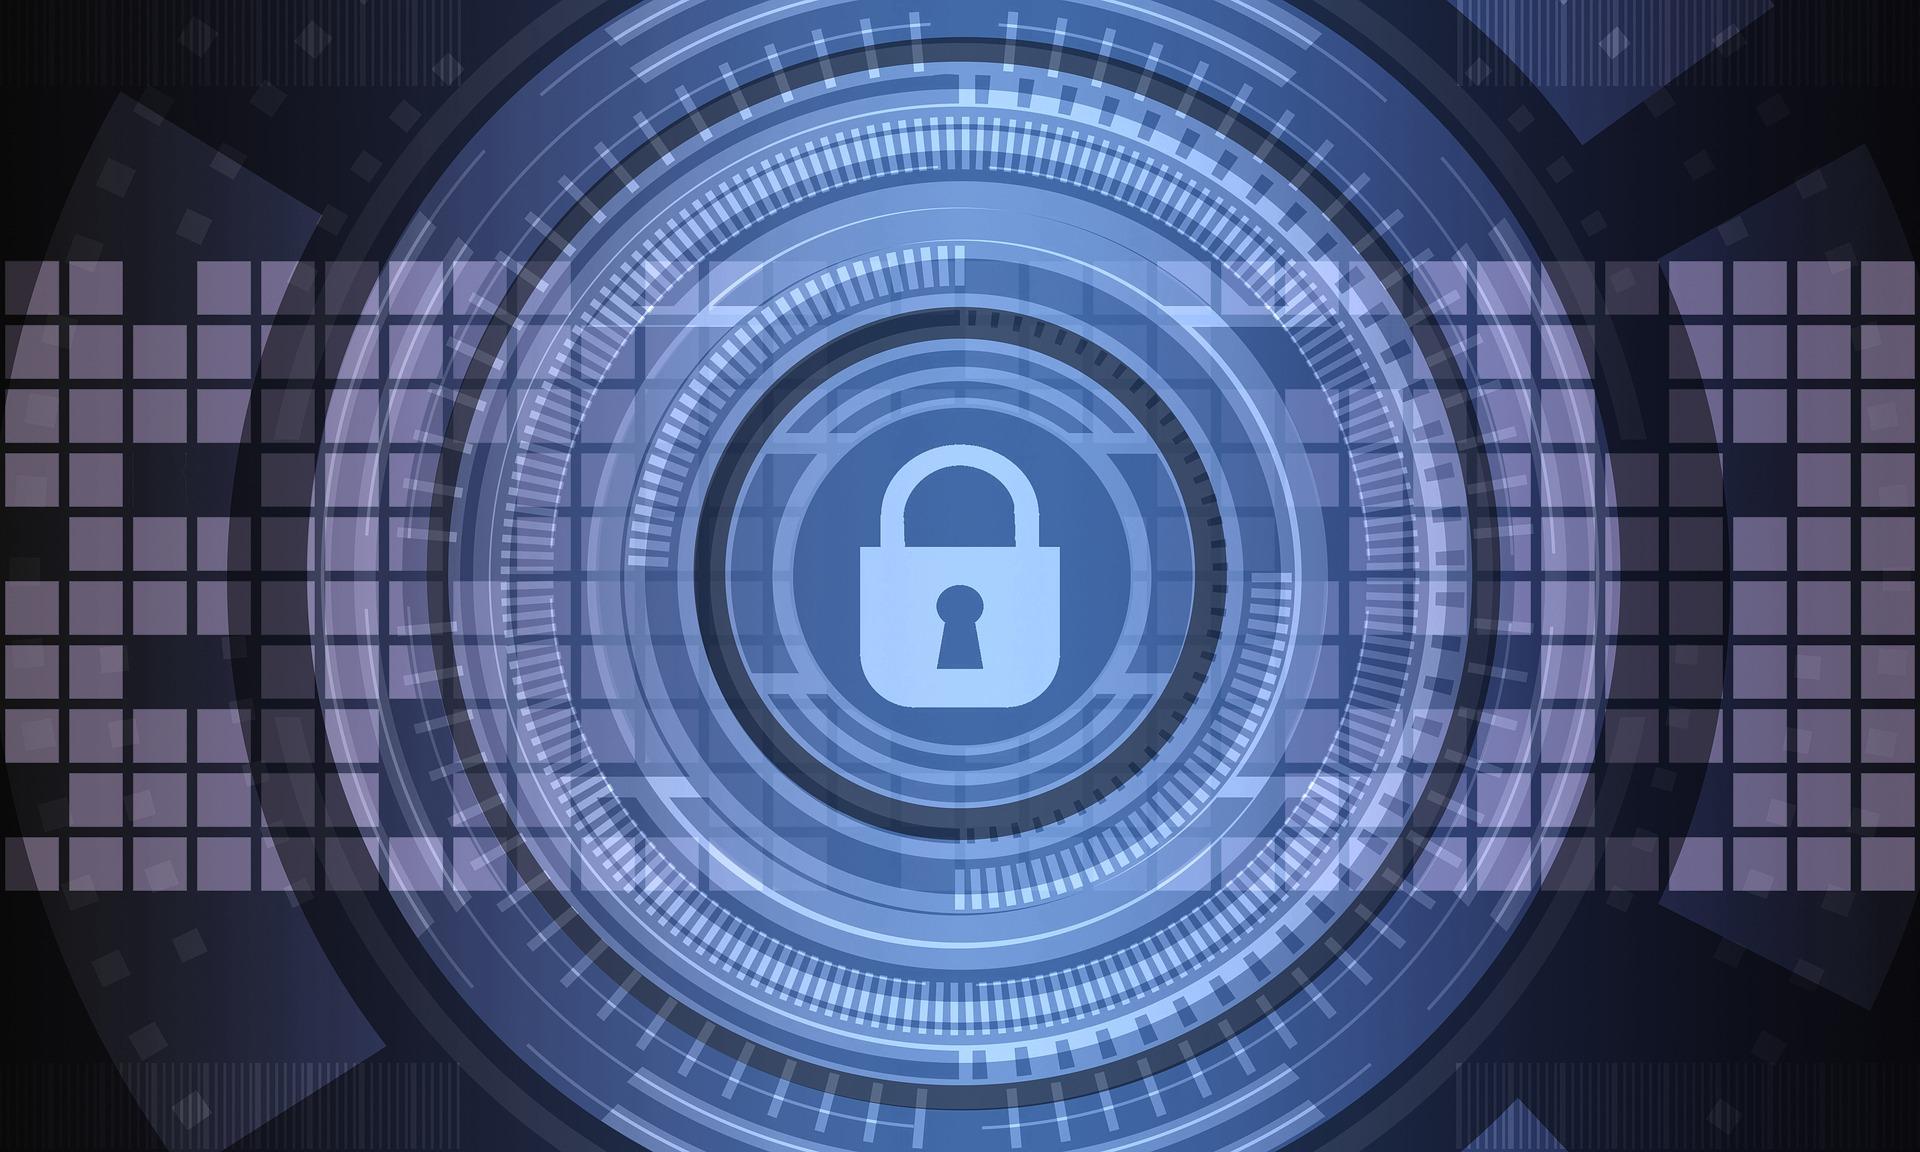 Il Consiglio adotta le conclusioni sulla strategia per la cyber security